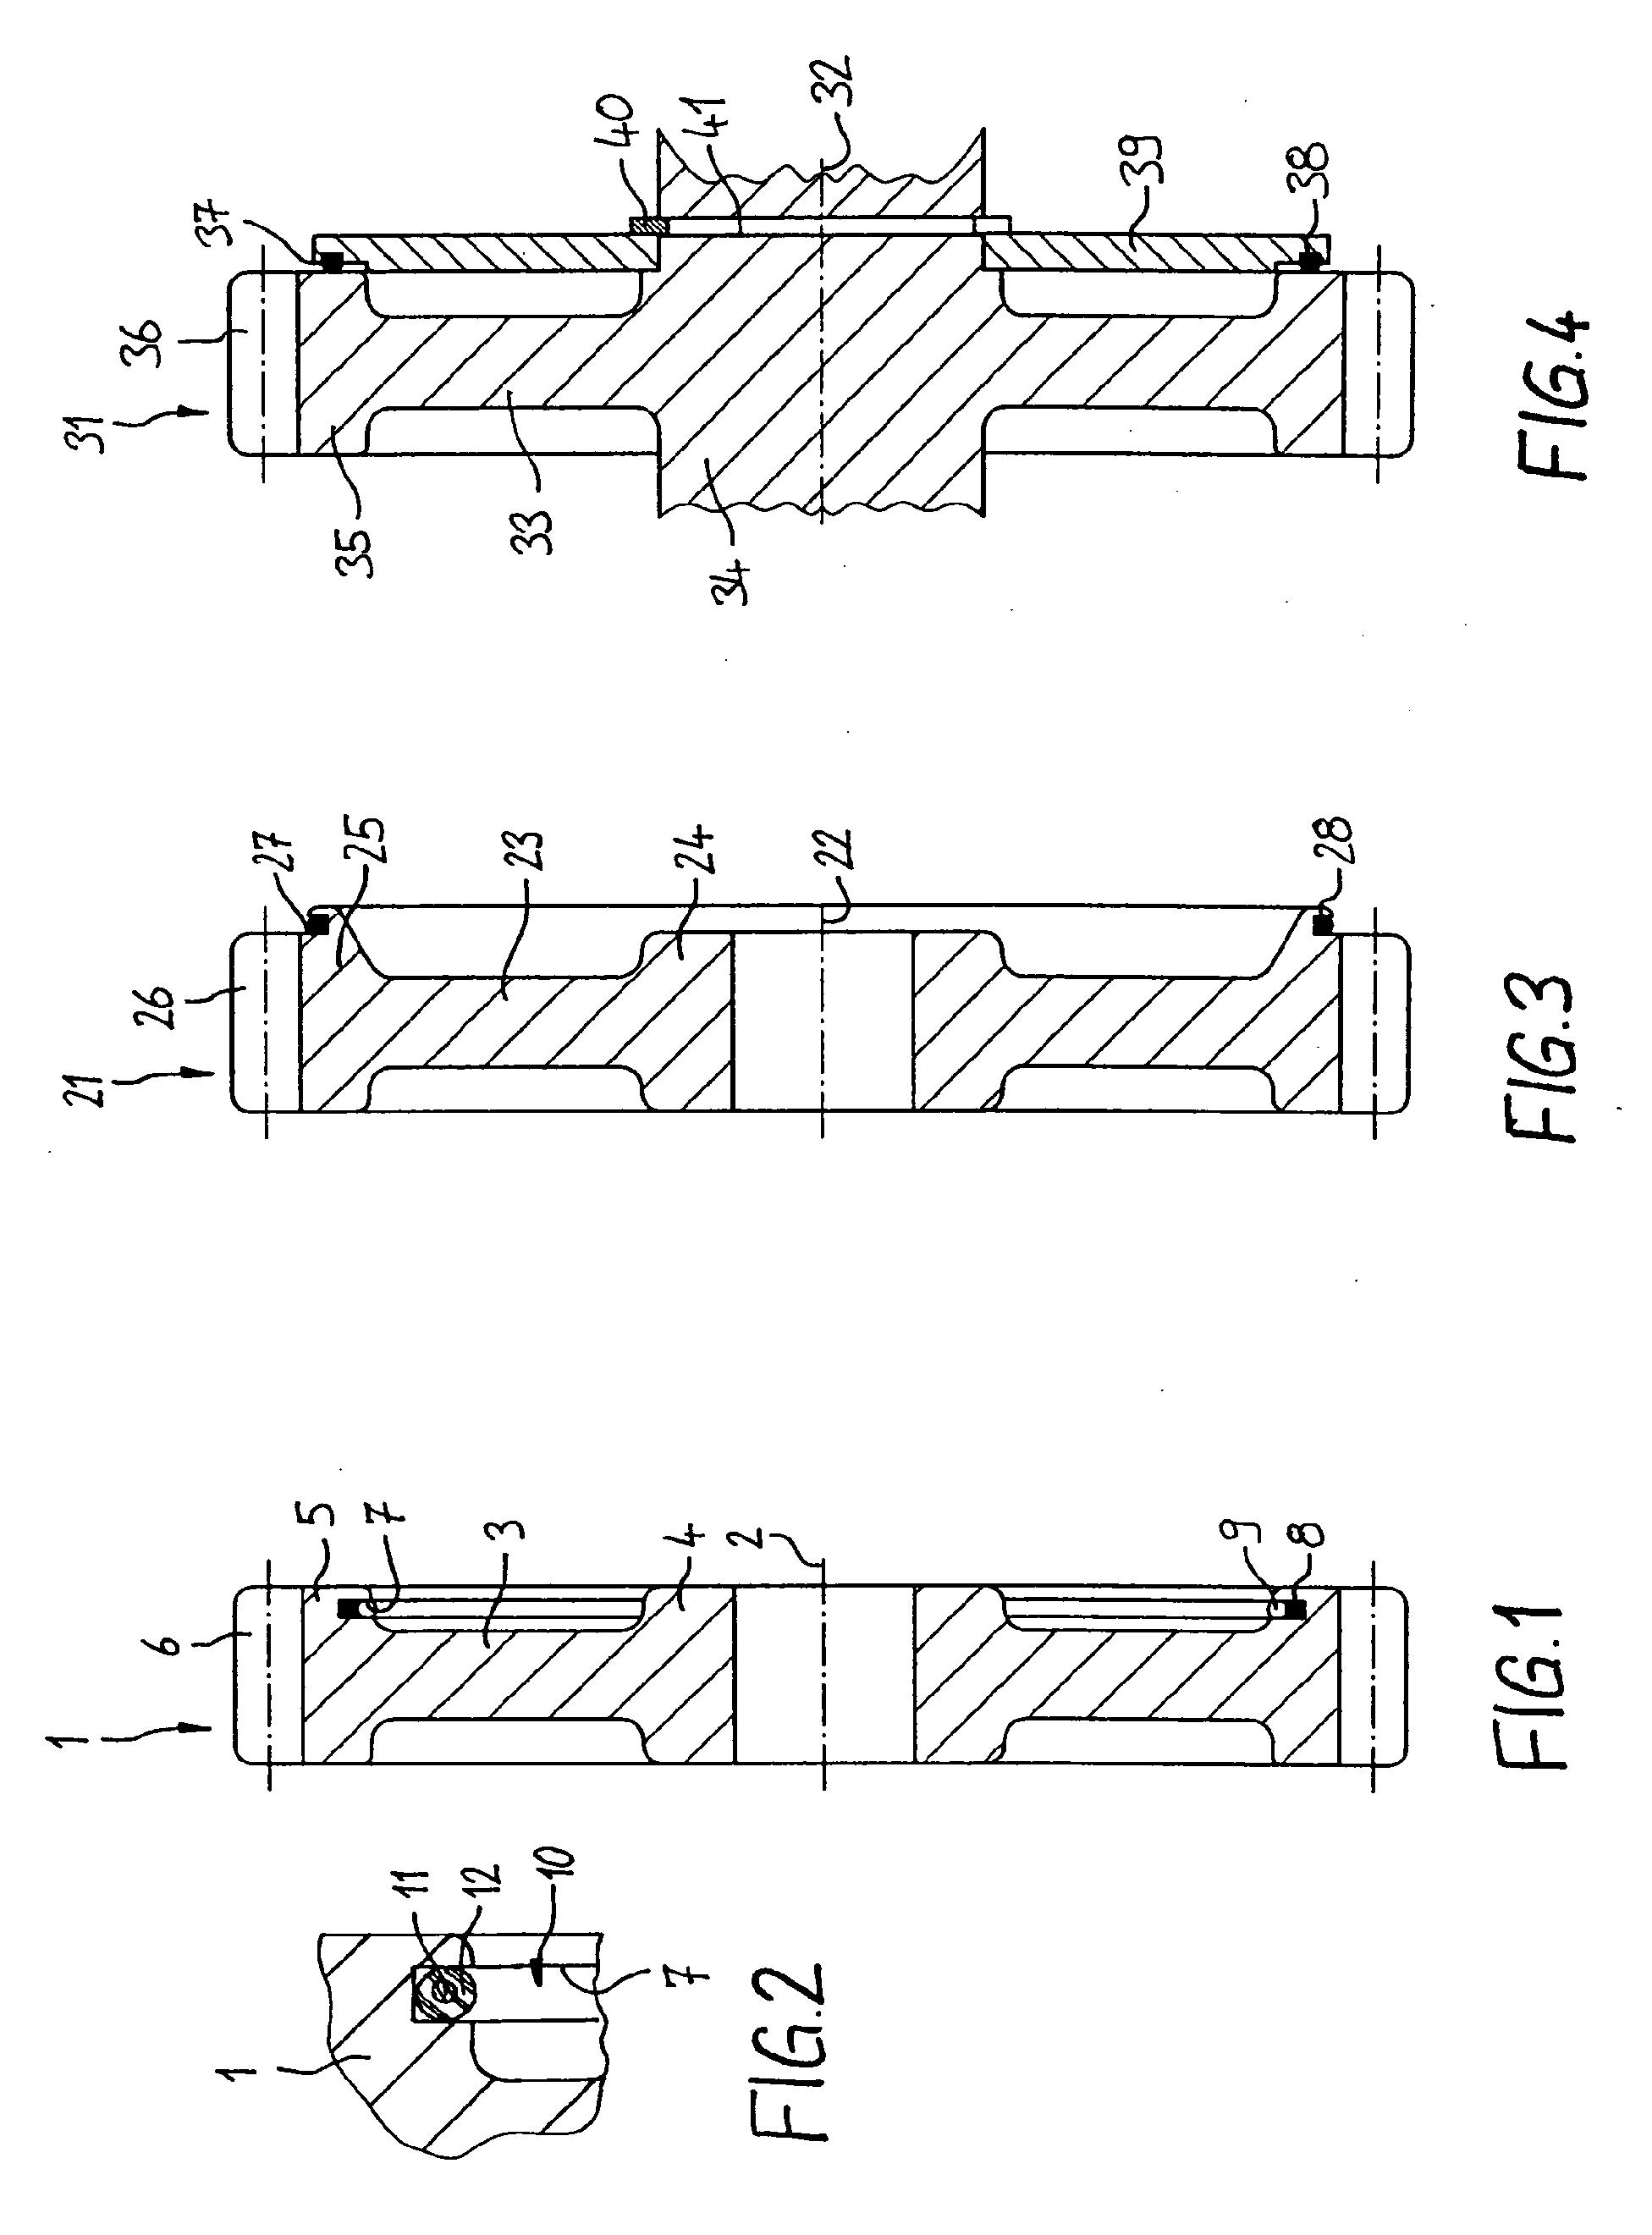 专利ep1529976a1 - schalld01mpfungsanordnung